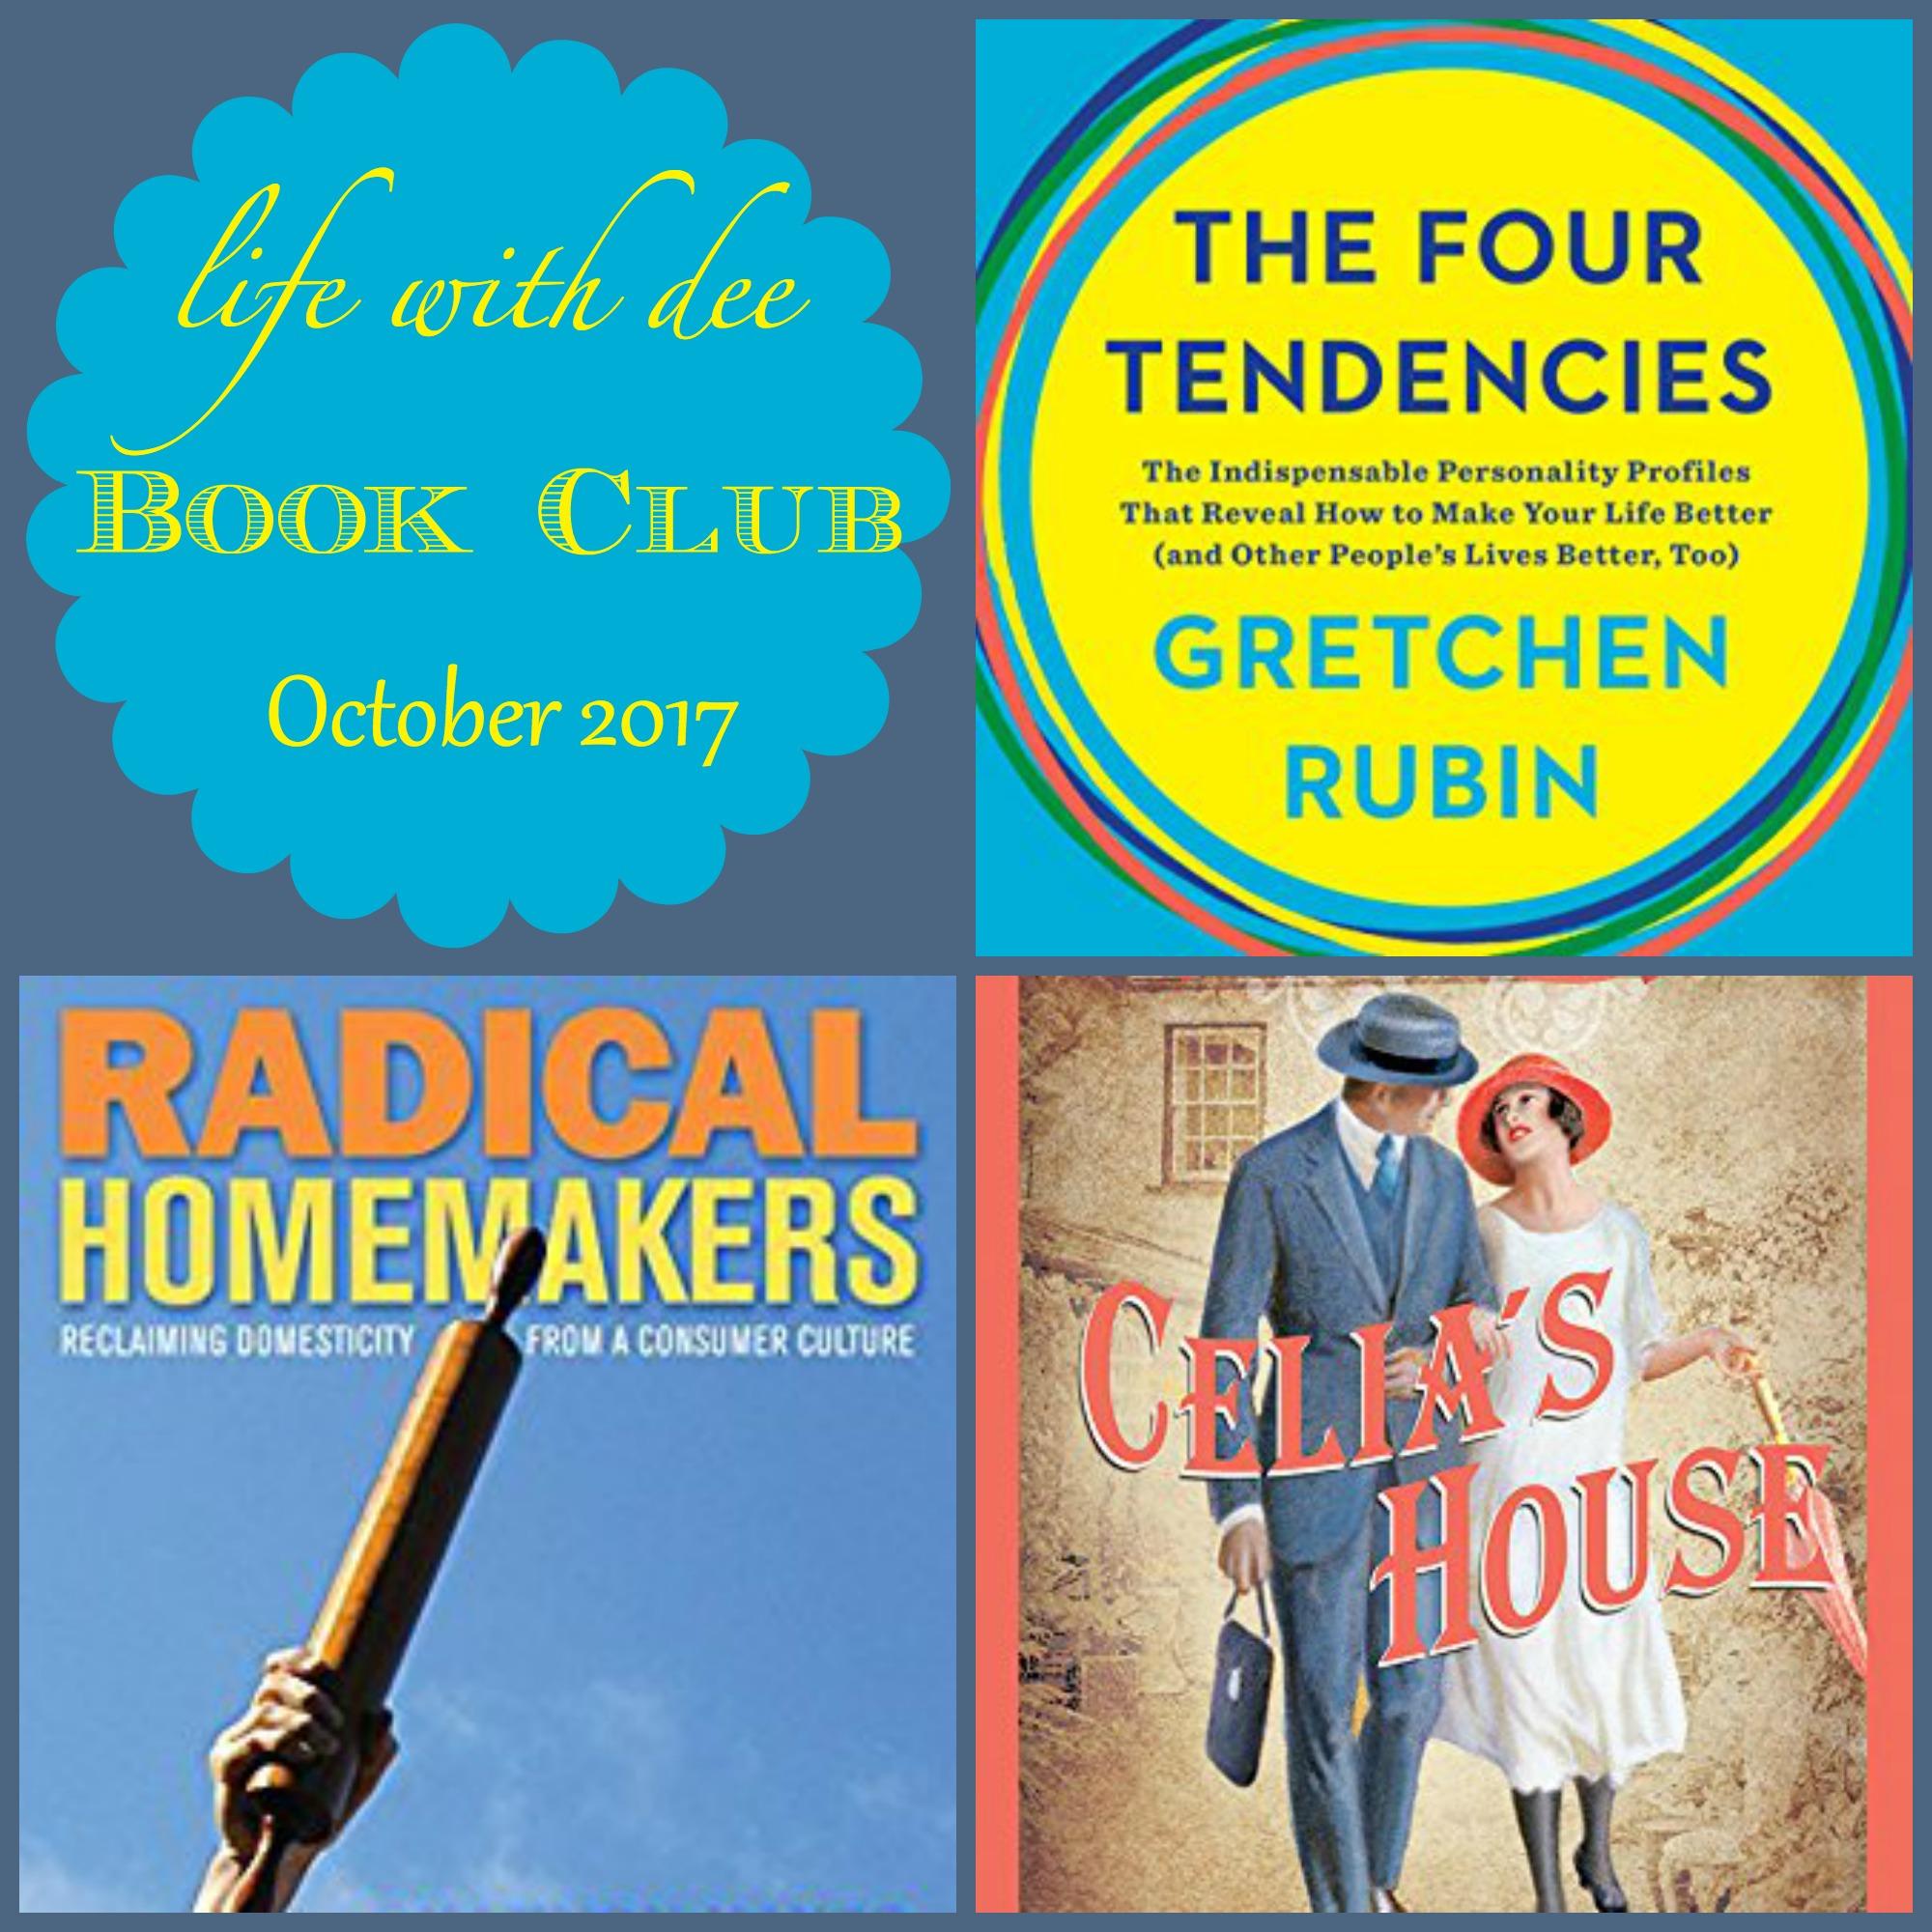 LWD Book Club October 2017